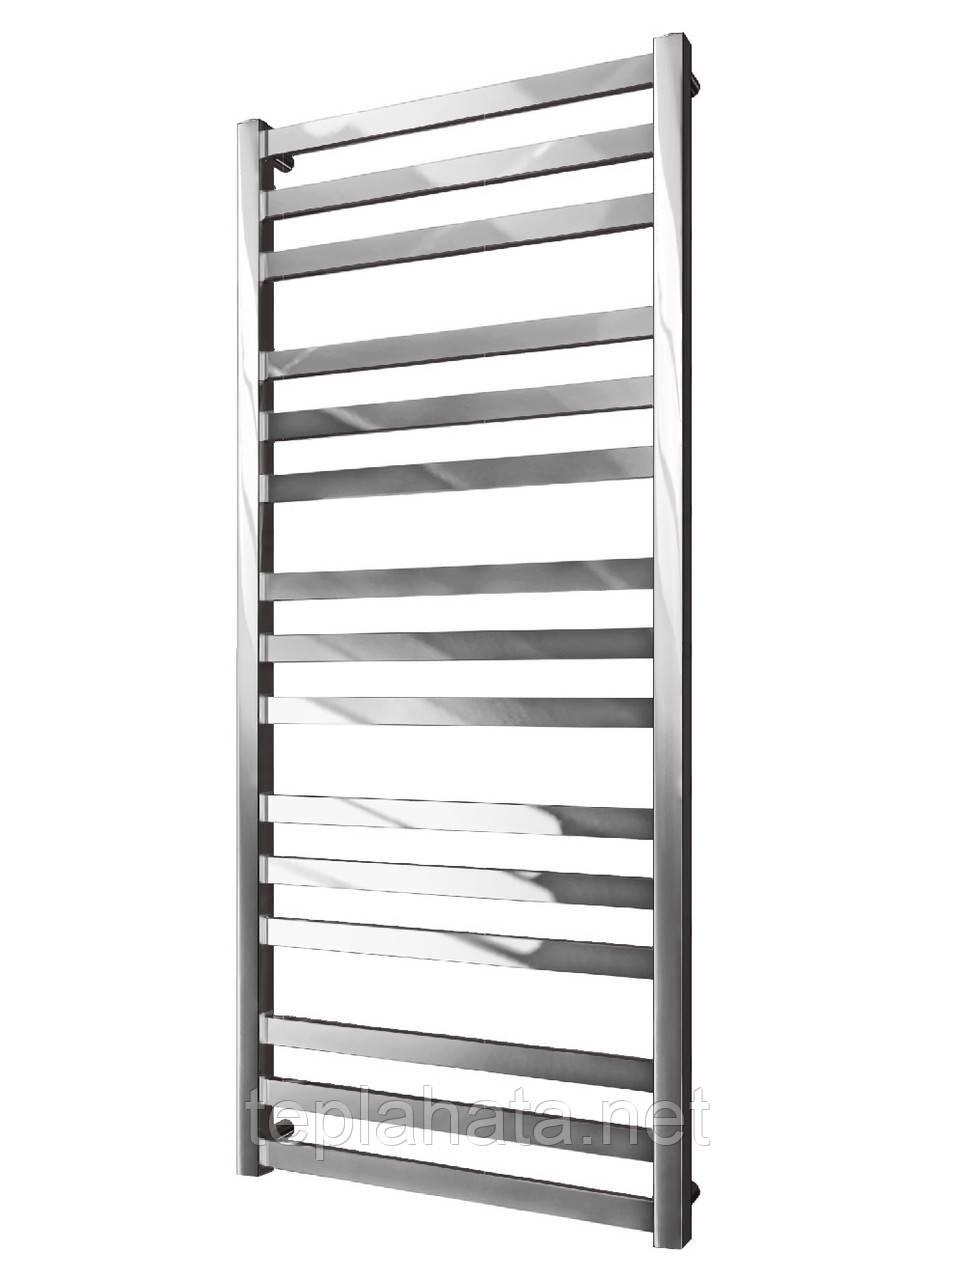 Водяной полотенцесушитель Чикаго 1200x530/500